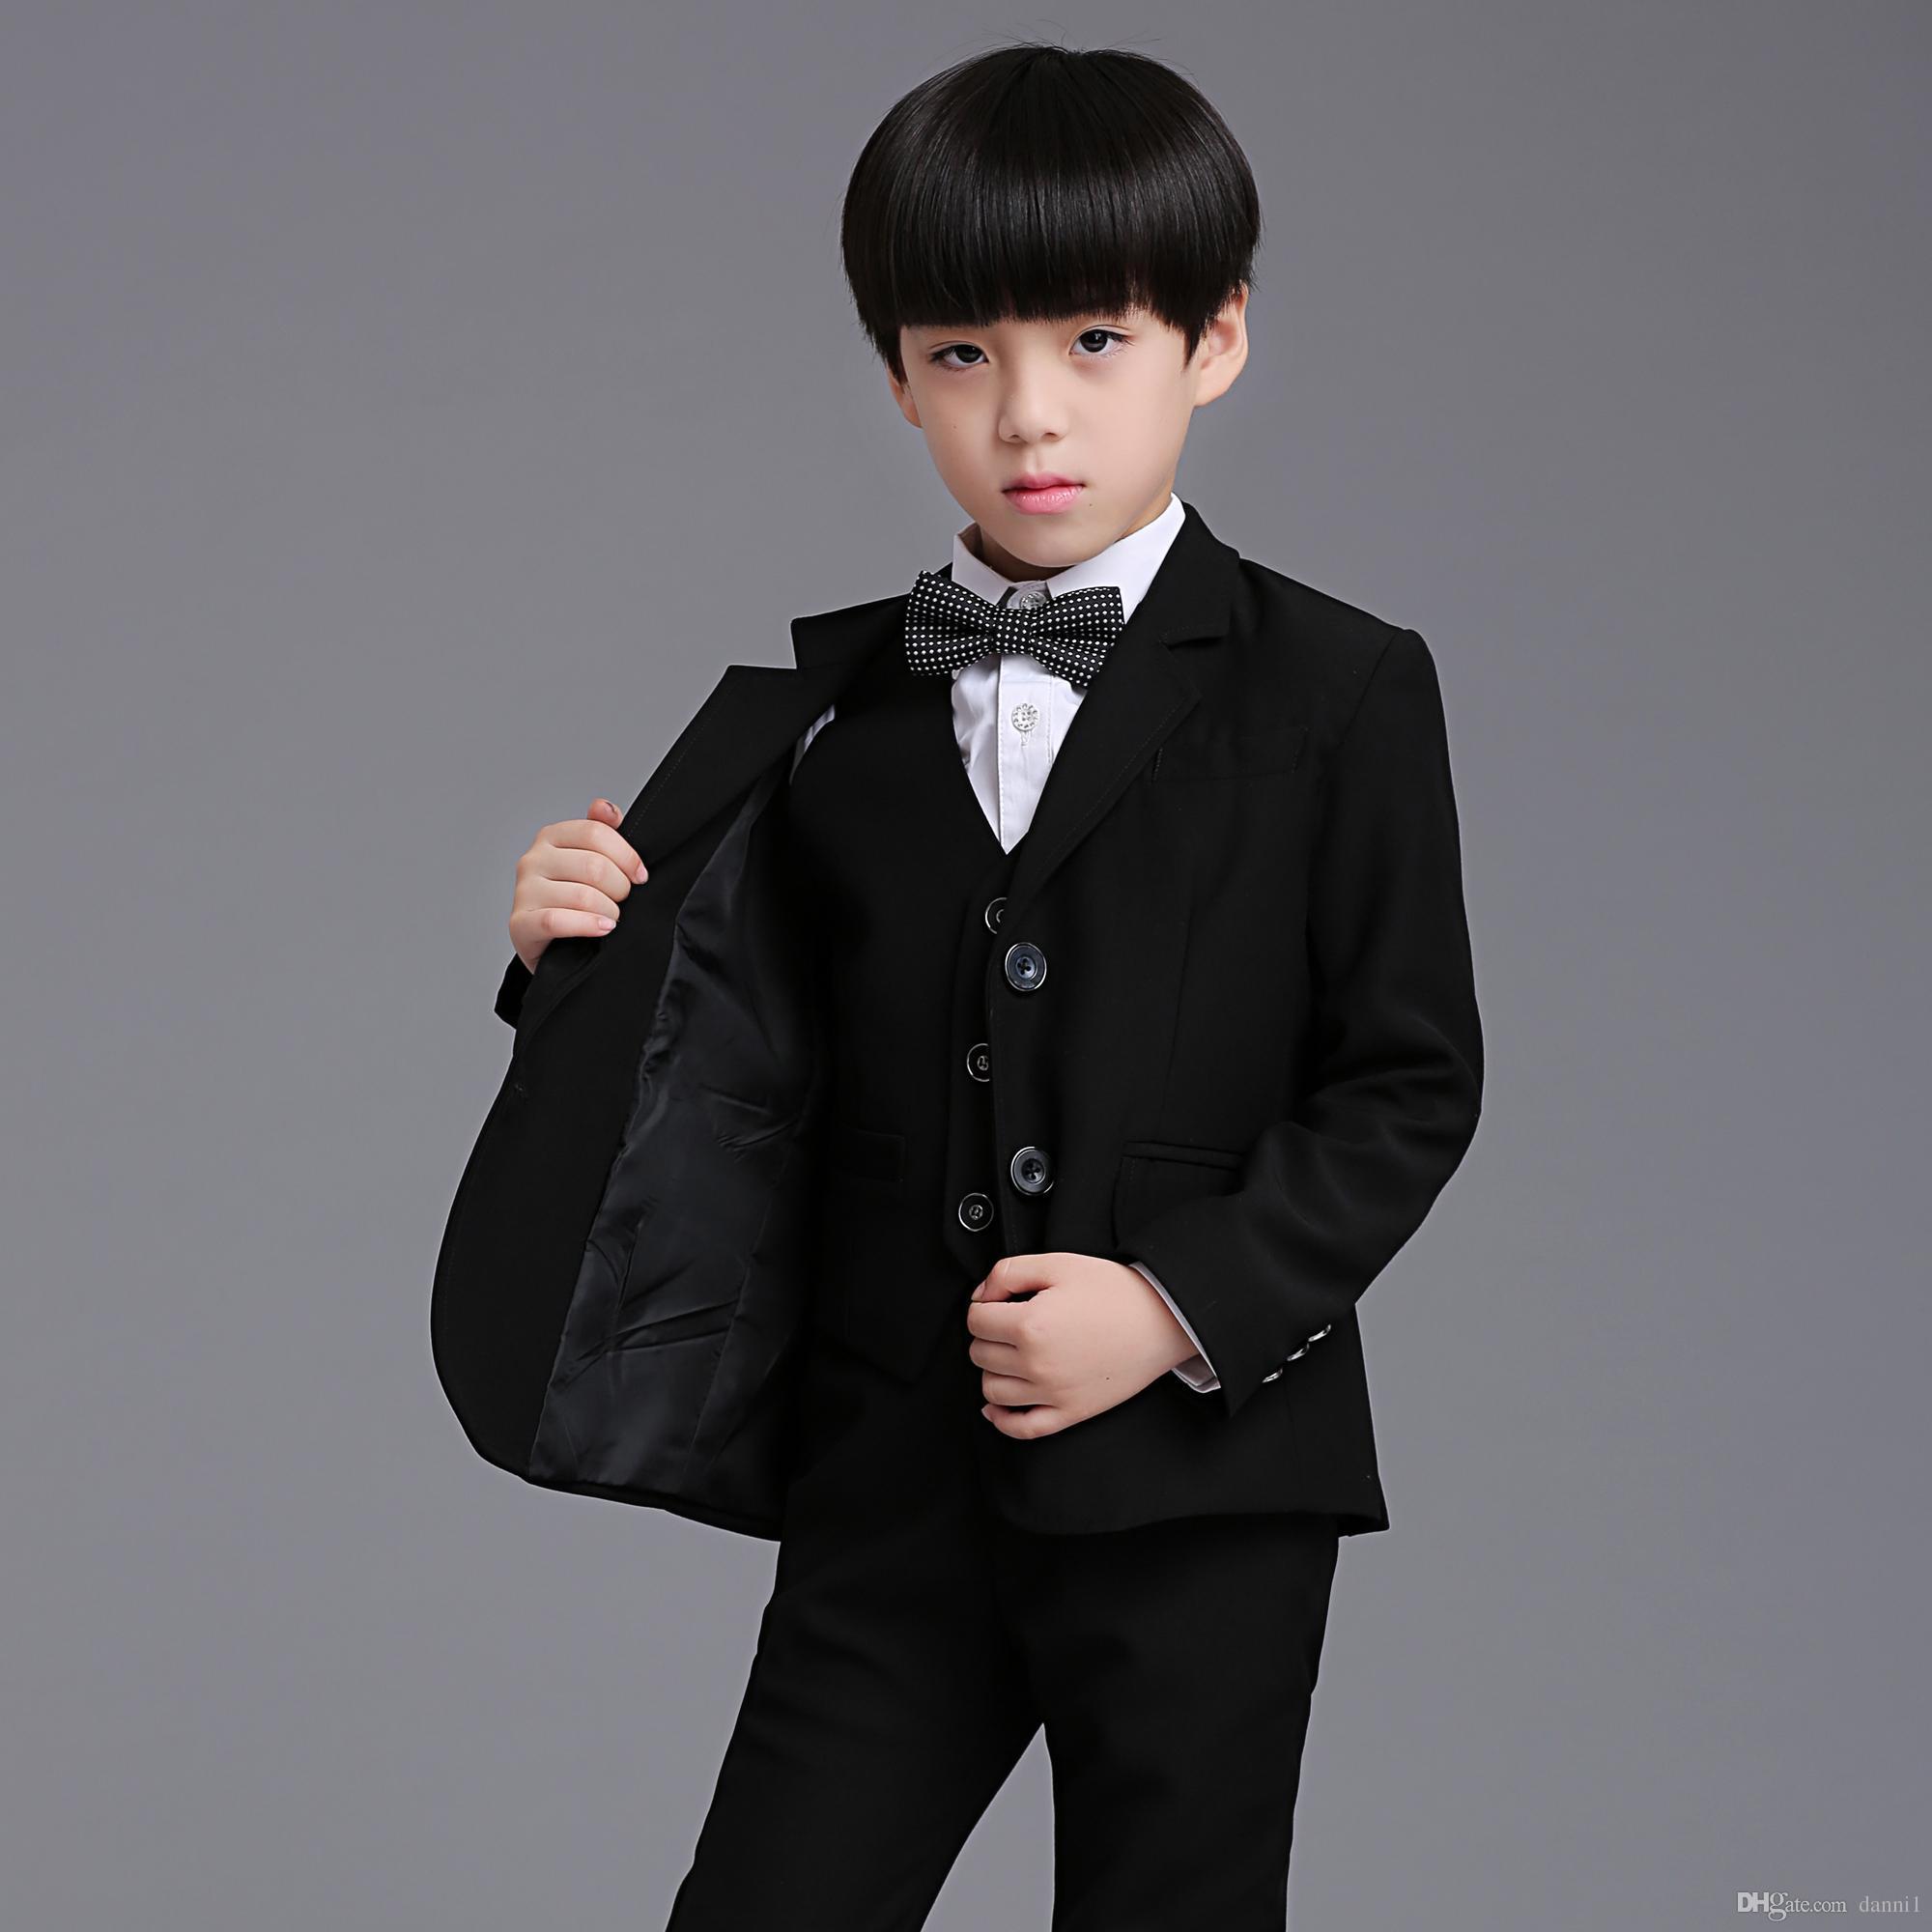 Nueva moda traje y chaleco Niños Boy traje de vestir Escuela Piano Prom ropa Boy's Formal desgaste accesorios